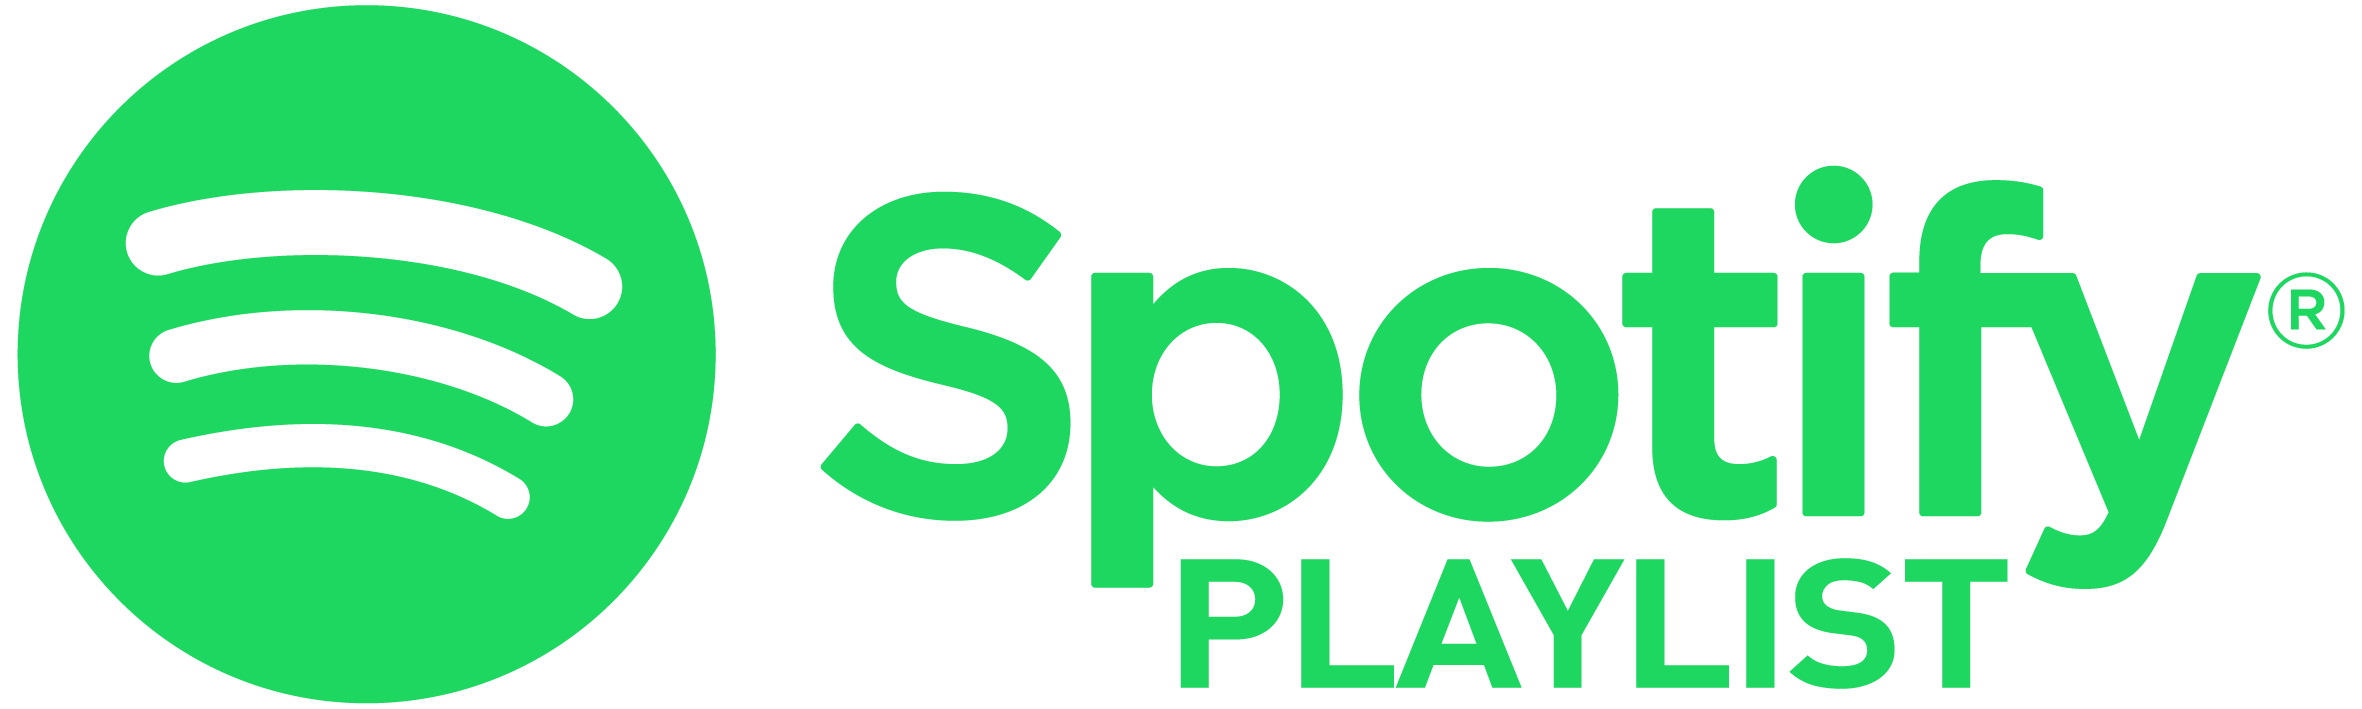 Spotify Playlist Logo